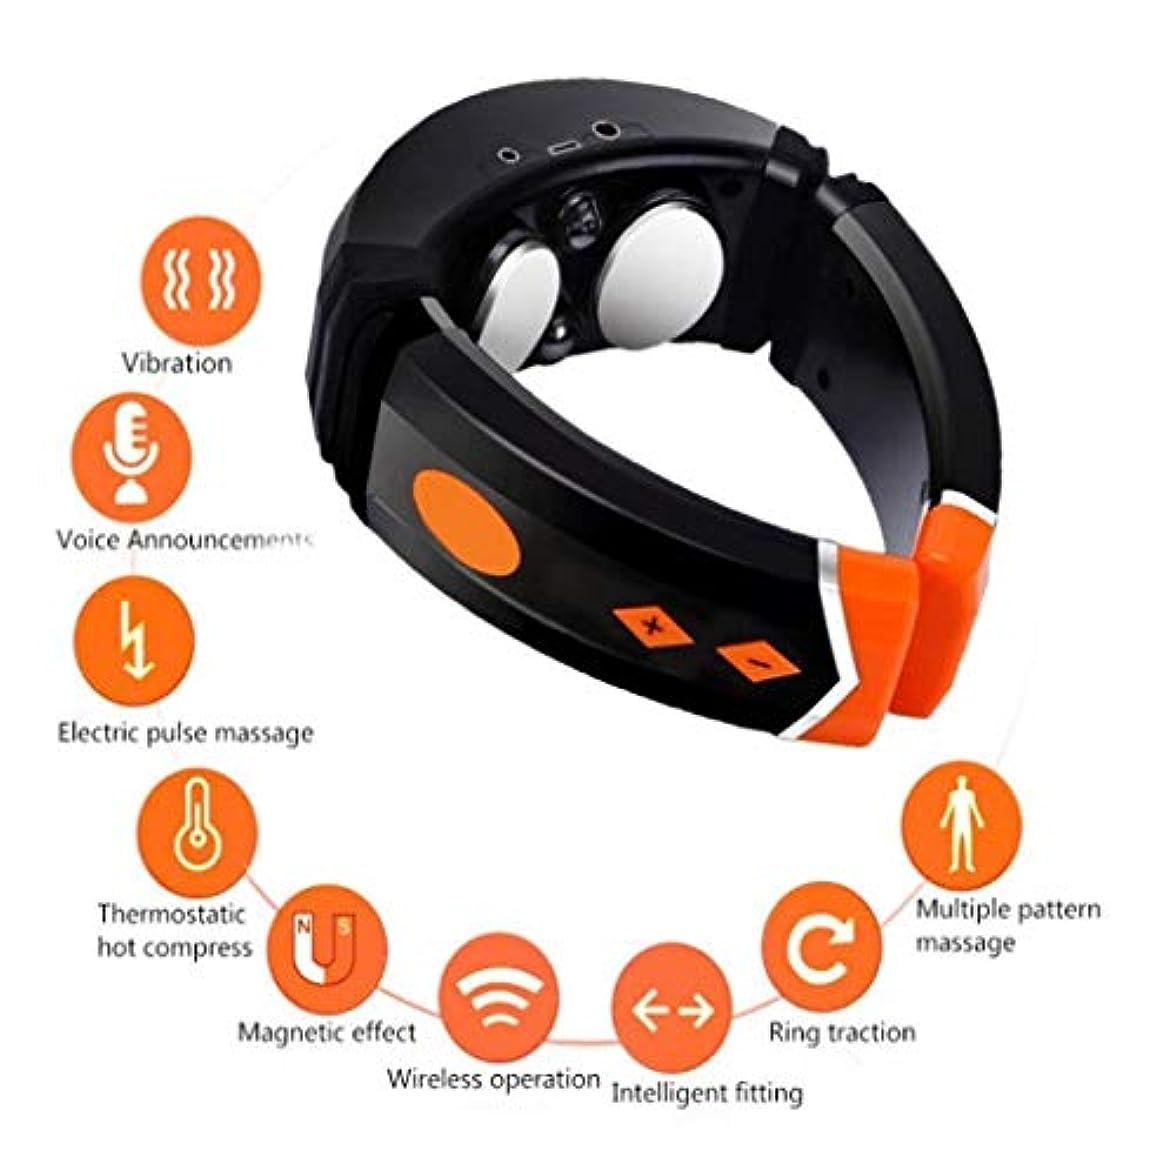 アンプ受動的咽頭首のマッサージャー、3D首のマッサージャー、ストレスや痛みを和らげる暖房/音声放送/Bluetooth音楽/多機能マッサージ